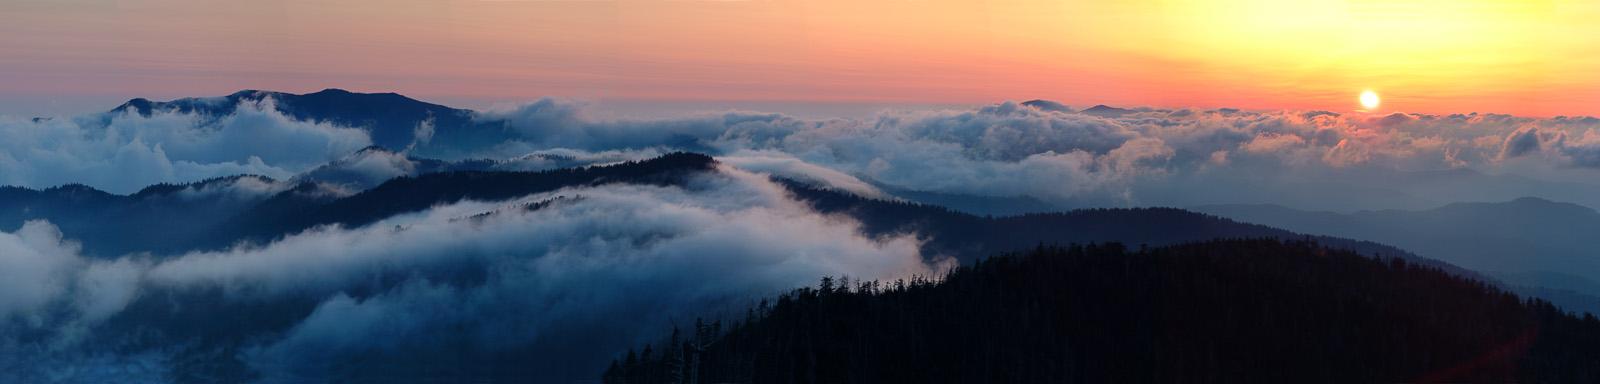 smoky-mountain-panoramic.jpg